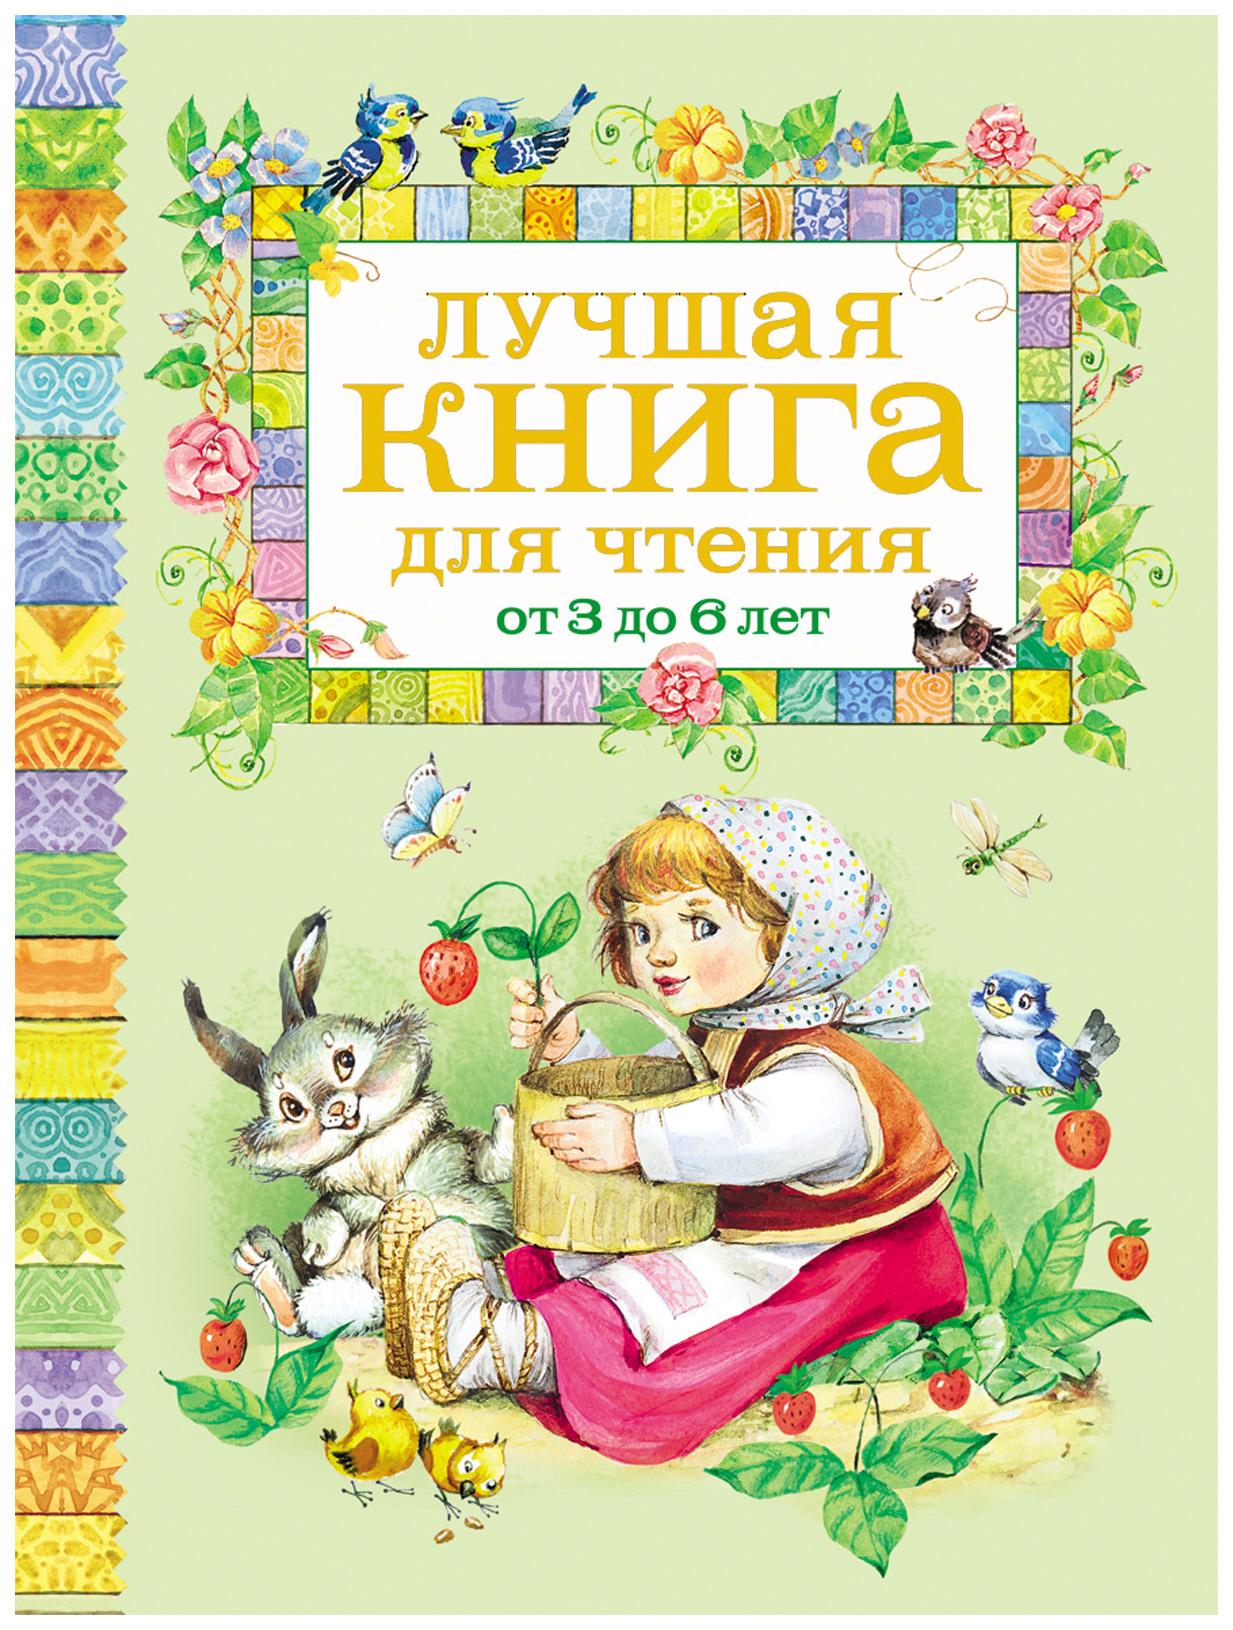 Лучшая книга для Чтения От 3 до 6 лет, Росмэн, Детская художественная литература  - купить со скидкой